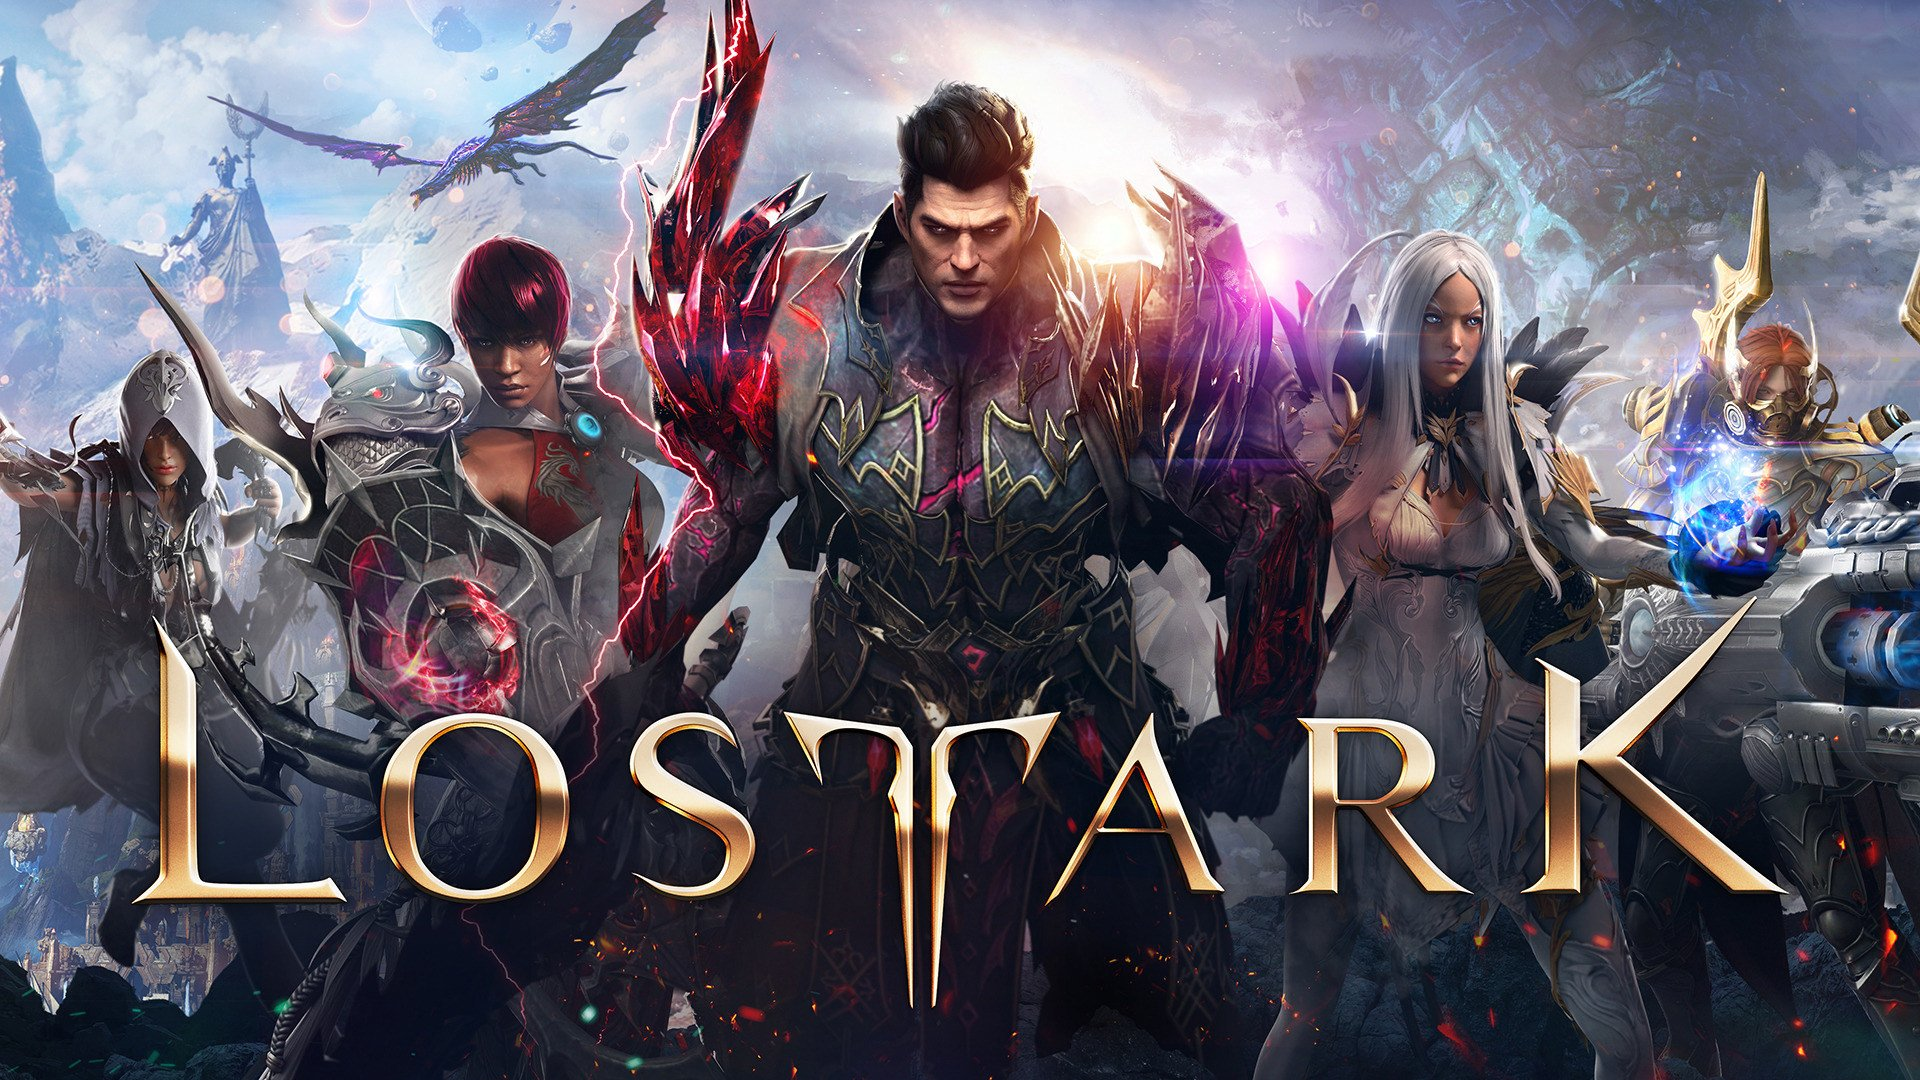 Trailer, Deutschland, Beta, Gameplay, Verfügbarkeit, Mmorpg, Mmo, Release, Online-Rollenspiel, Alpha, Amazon Games, Lost Ark, Action-MMO